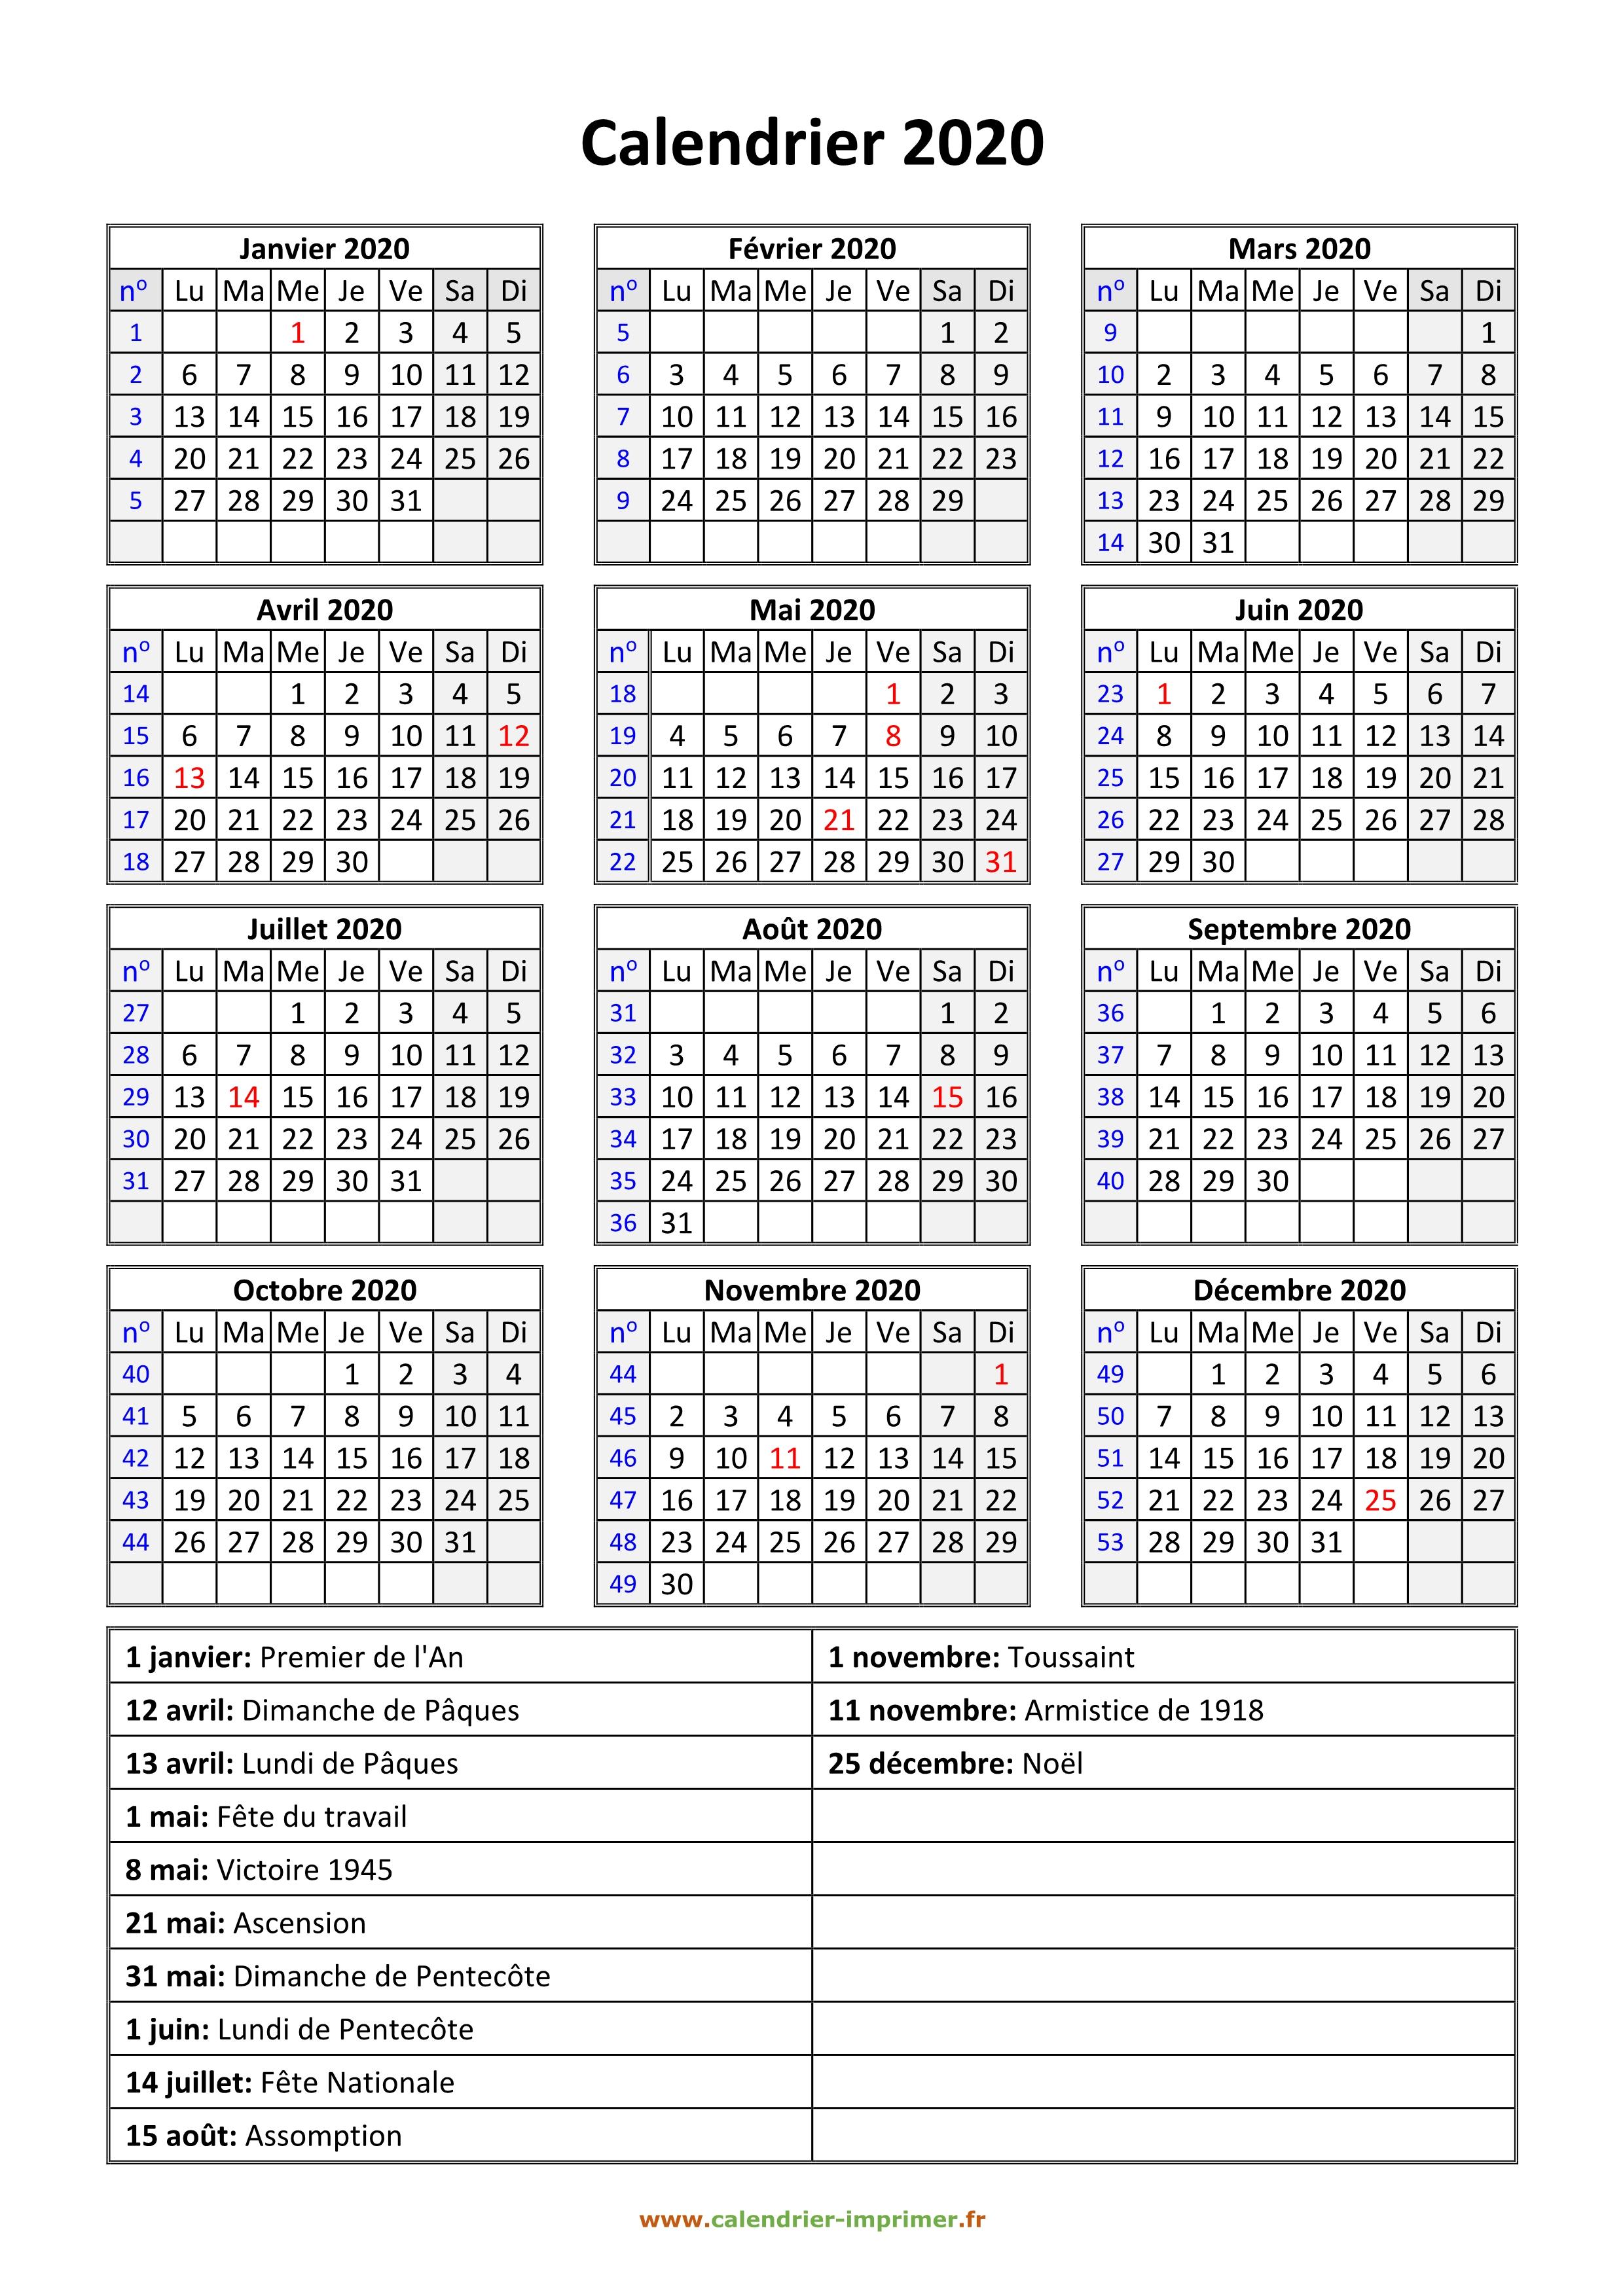 Calendrier 2020 Deuxieme Semestre.Calendrier 2020 A Imprimer Gratuit